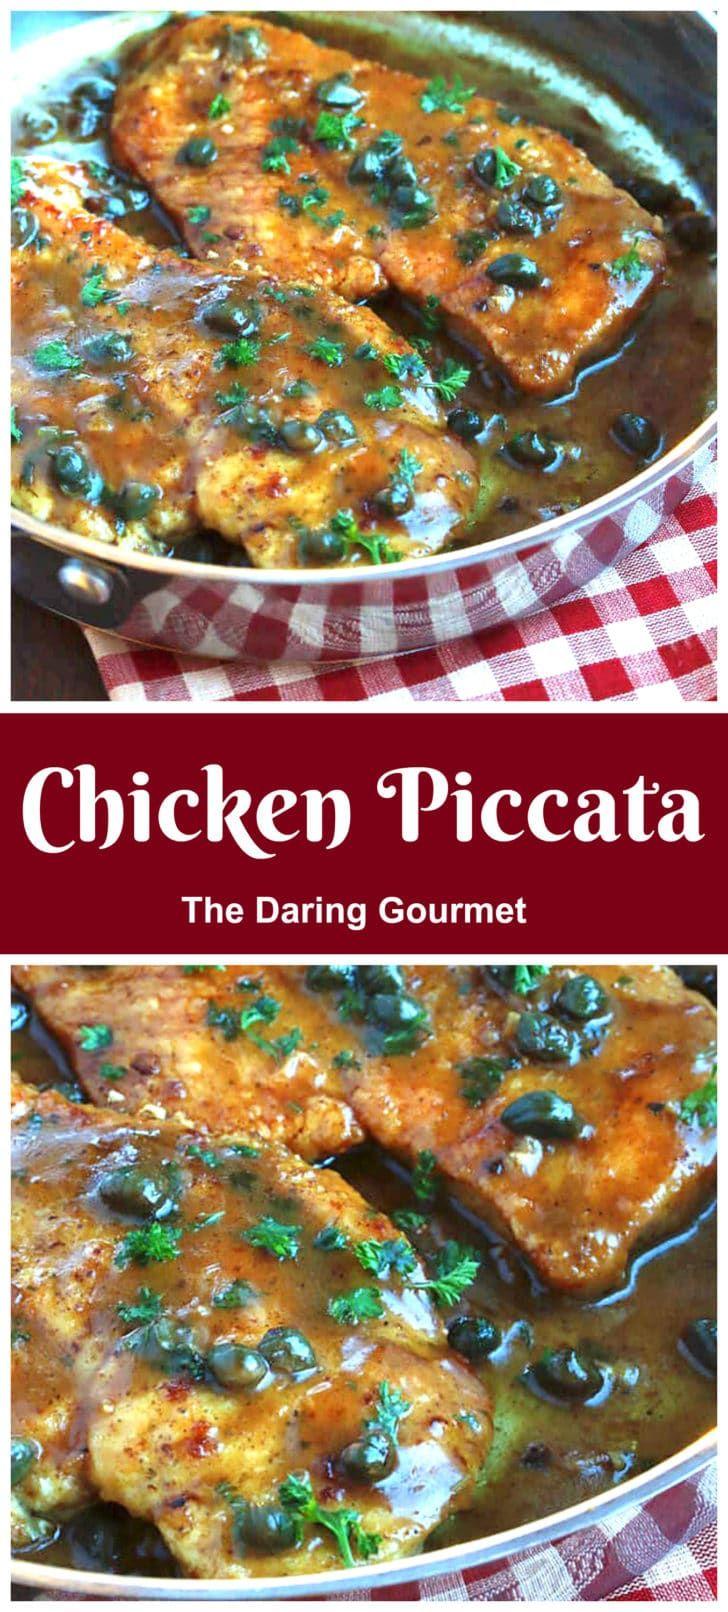 Chicken Piccata Recipe In 2020 Chicken Piccata Best Chicken Recipes Chicken Piccata Recipe